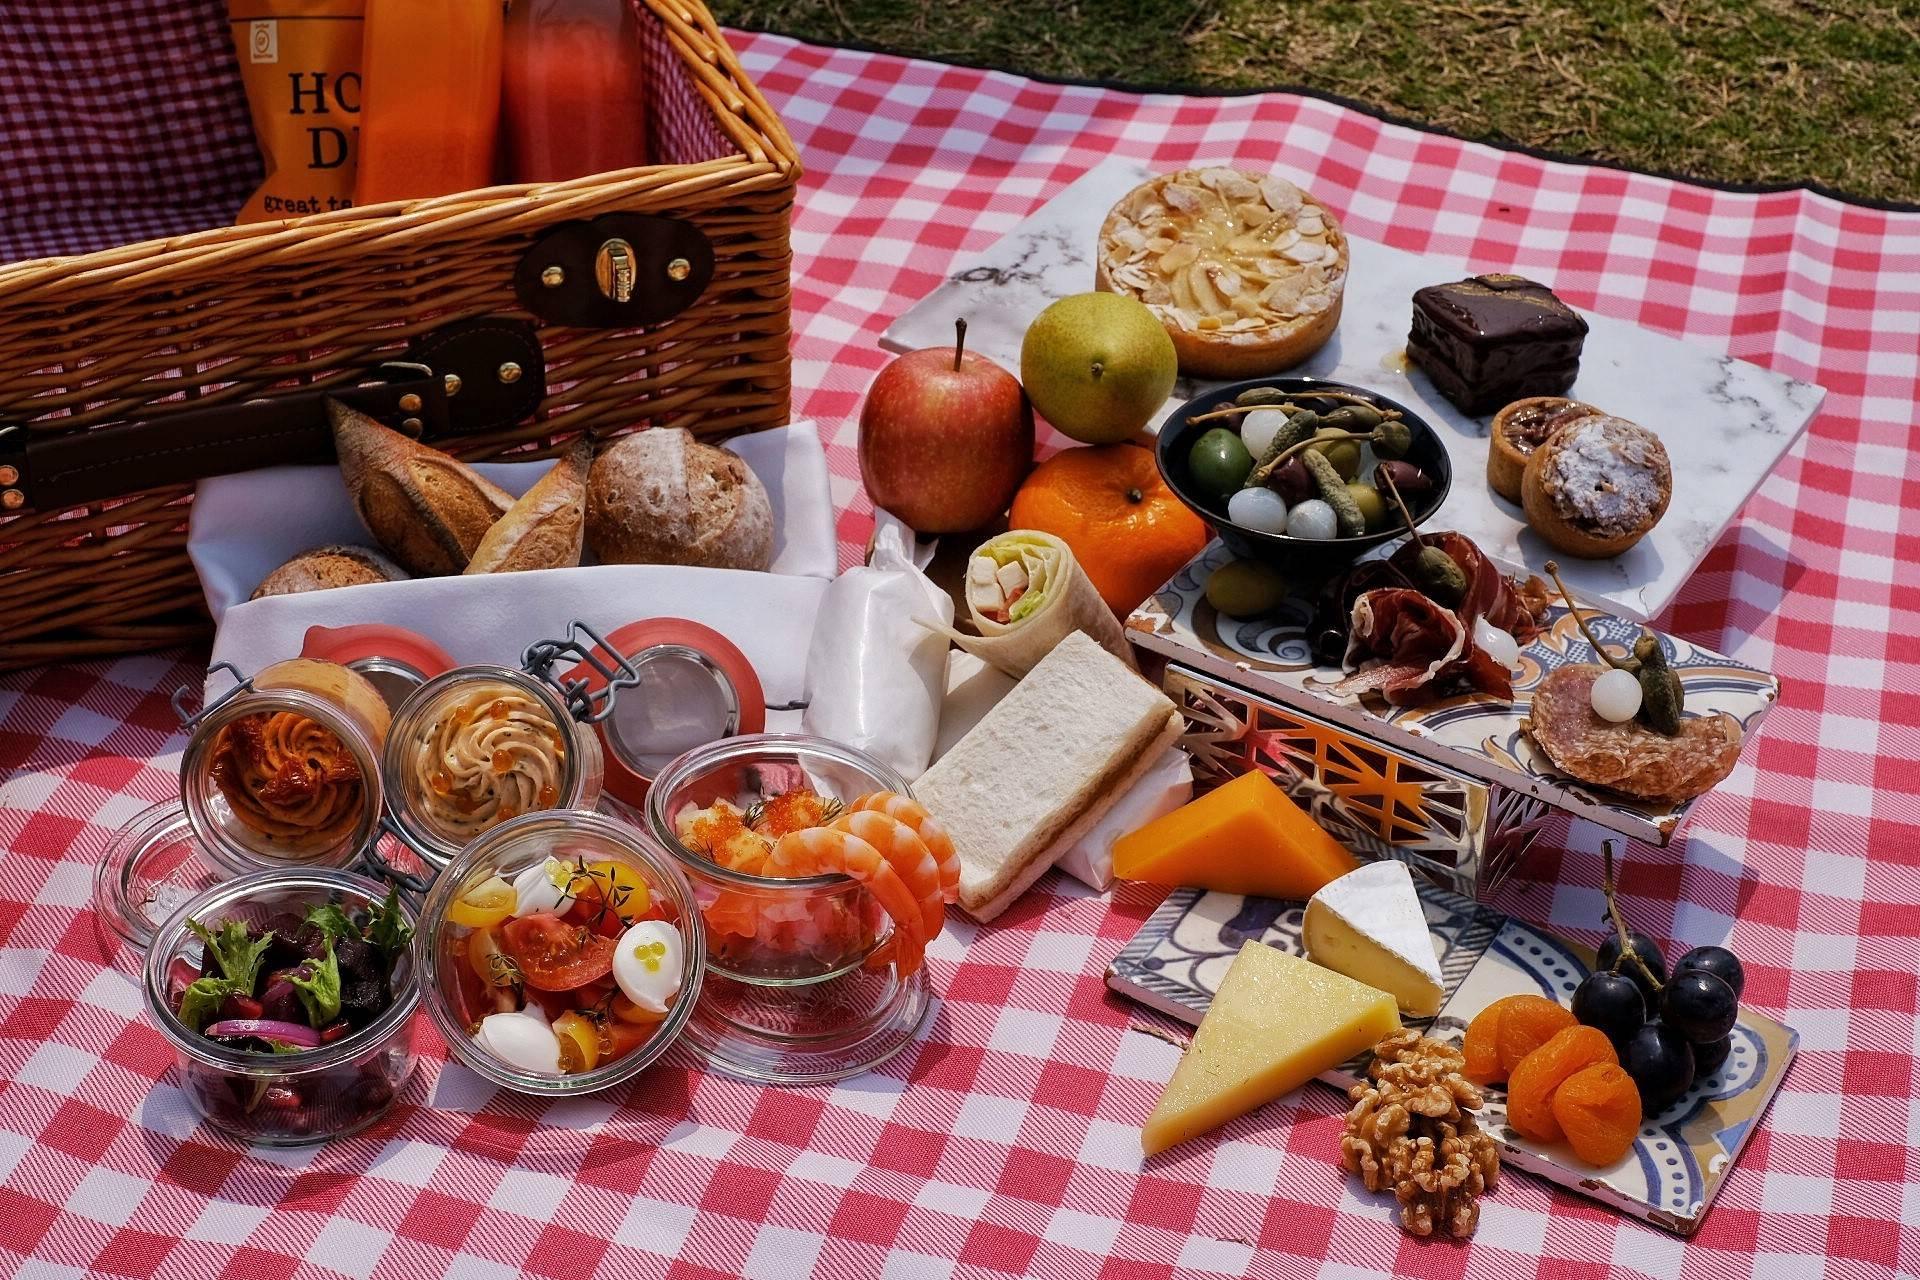 麗思卡爾頓野餐籃 $788(兩位)、$1,488(四位) <br /> 經典野餐籃可以免費送到西九龍苗圃公園給客人,可以食到包括小巧精緻的點心、三文治、熟食冷盤、新鮮沙律、美味包點、自家製果汁,夠豐富!